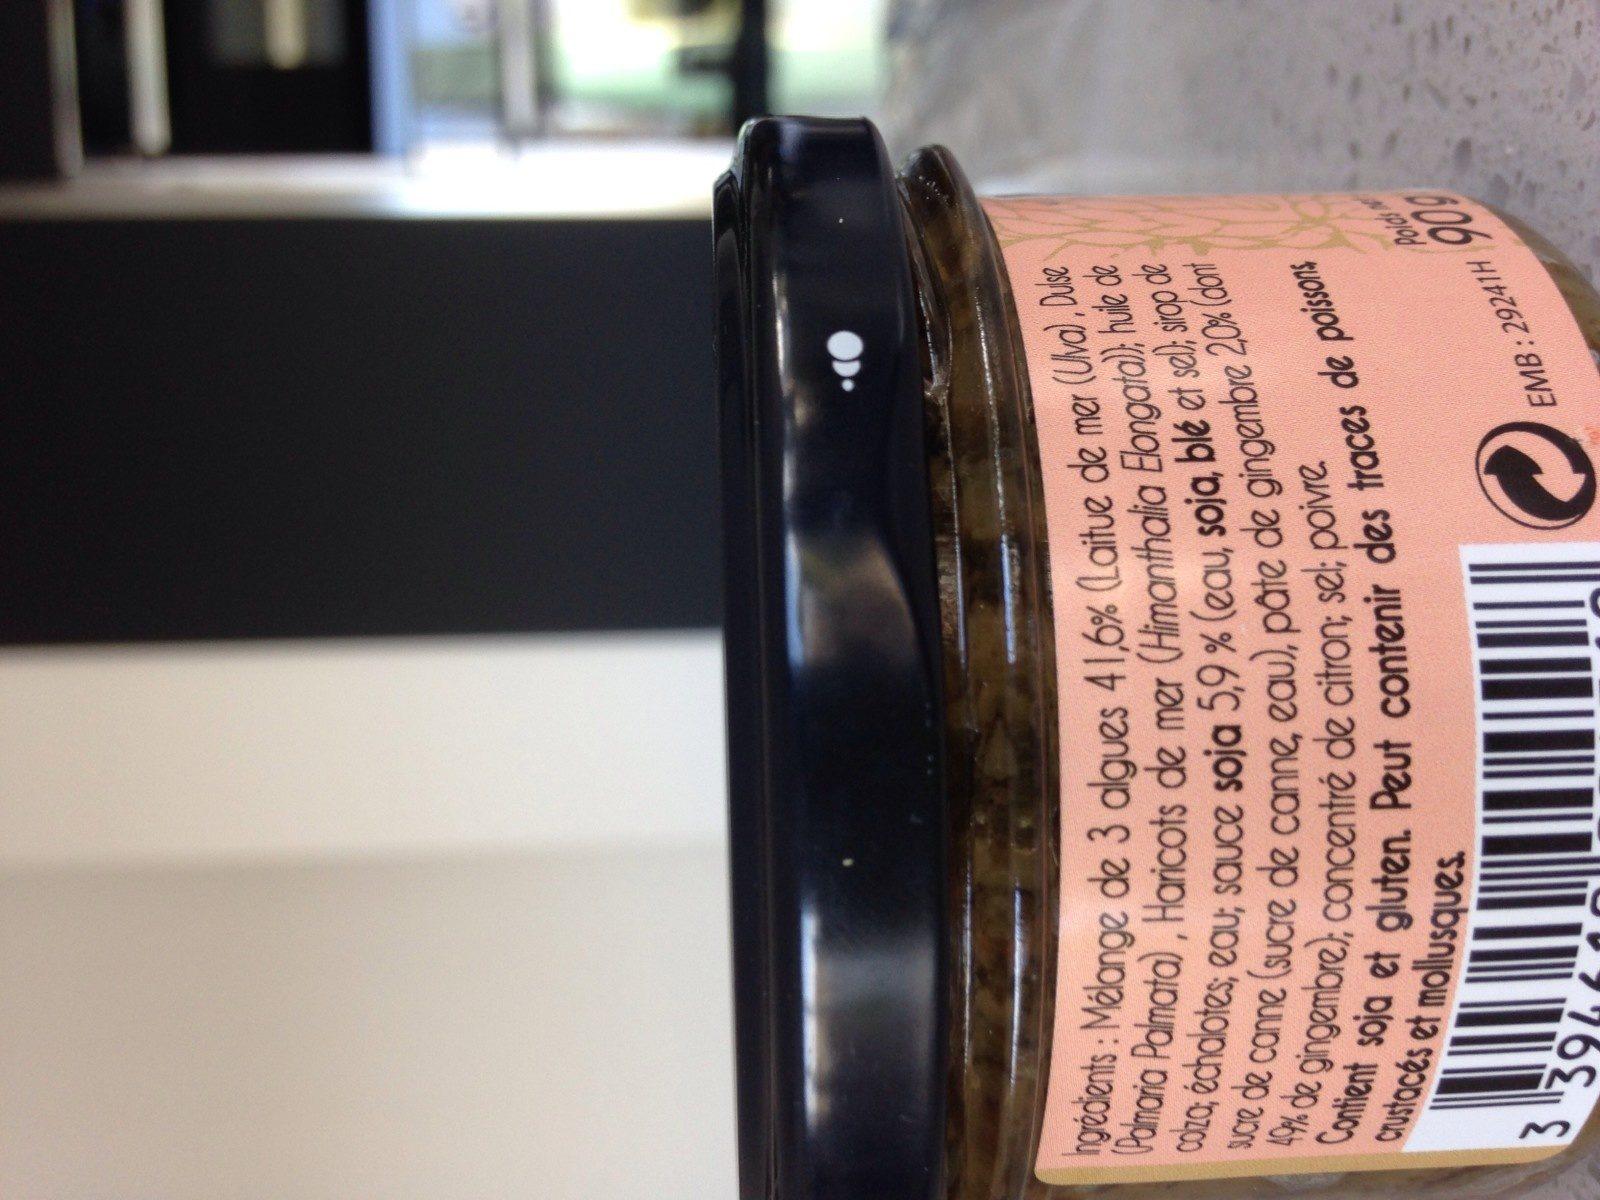 Tartare aux Algues - Ingredients